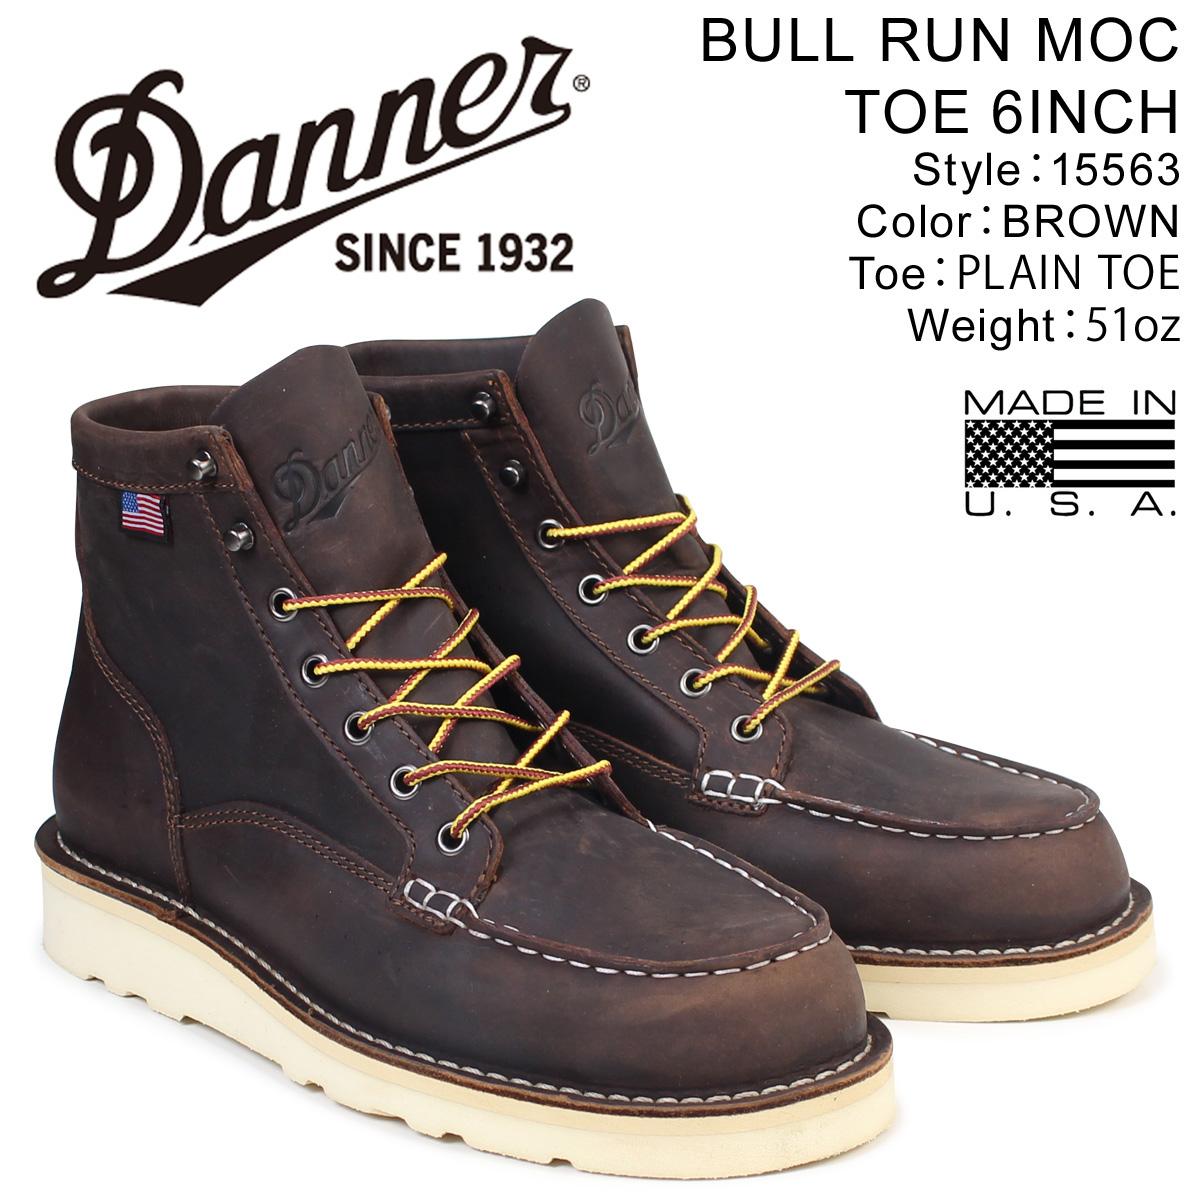 ダナー ブーツ Danner ブーツ BULL RUN ダナー MOC TOE 6INCH 15563 BULL Dワイズ メンズ ブラウン, Vision Quest:8663b730 --- ww.thecollagist.com